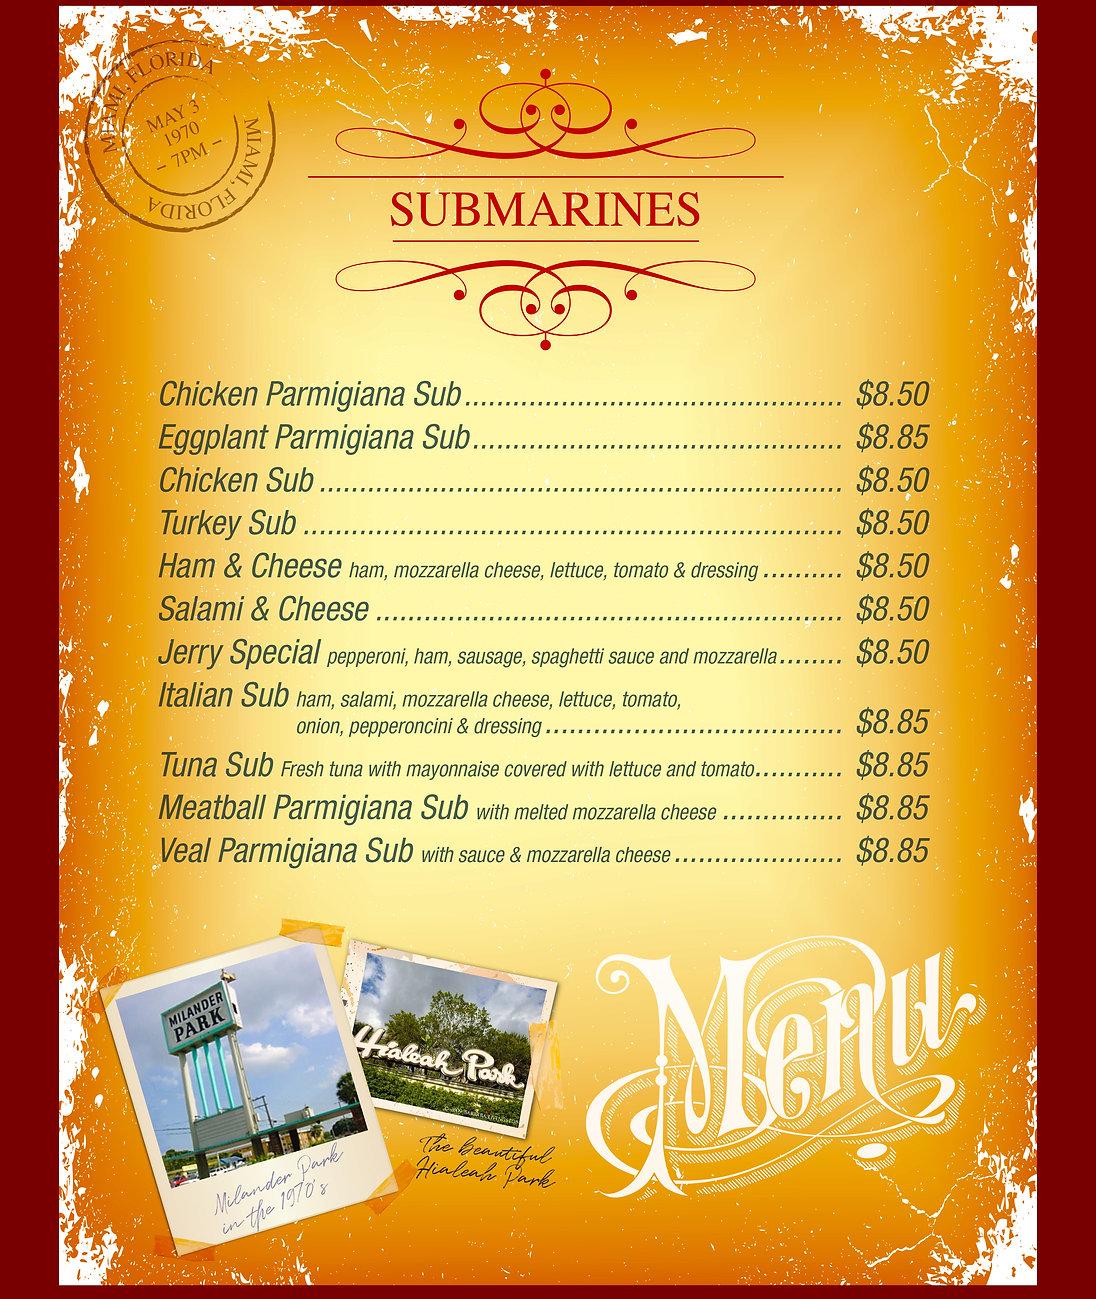 J&J Submarine Page.jpg